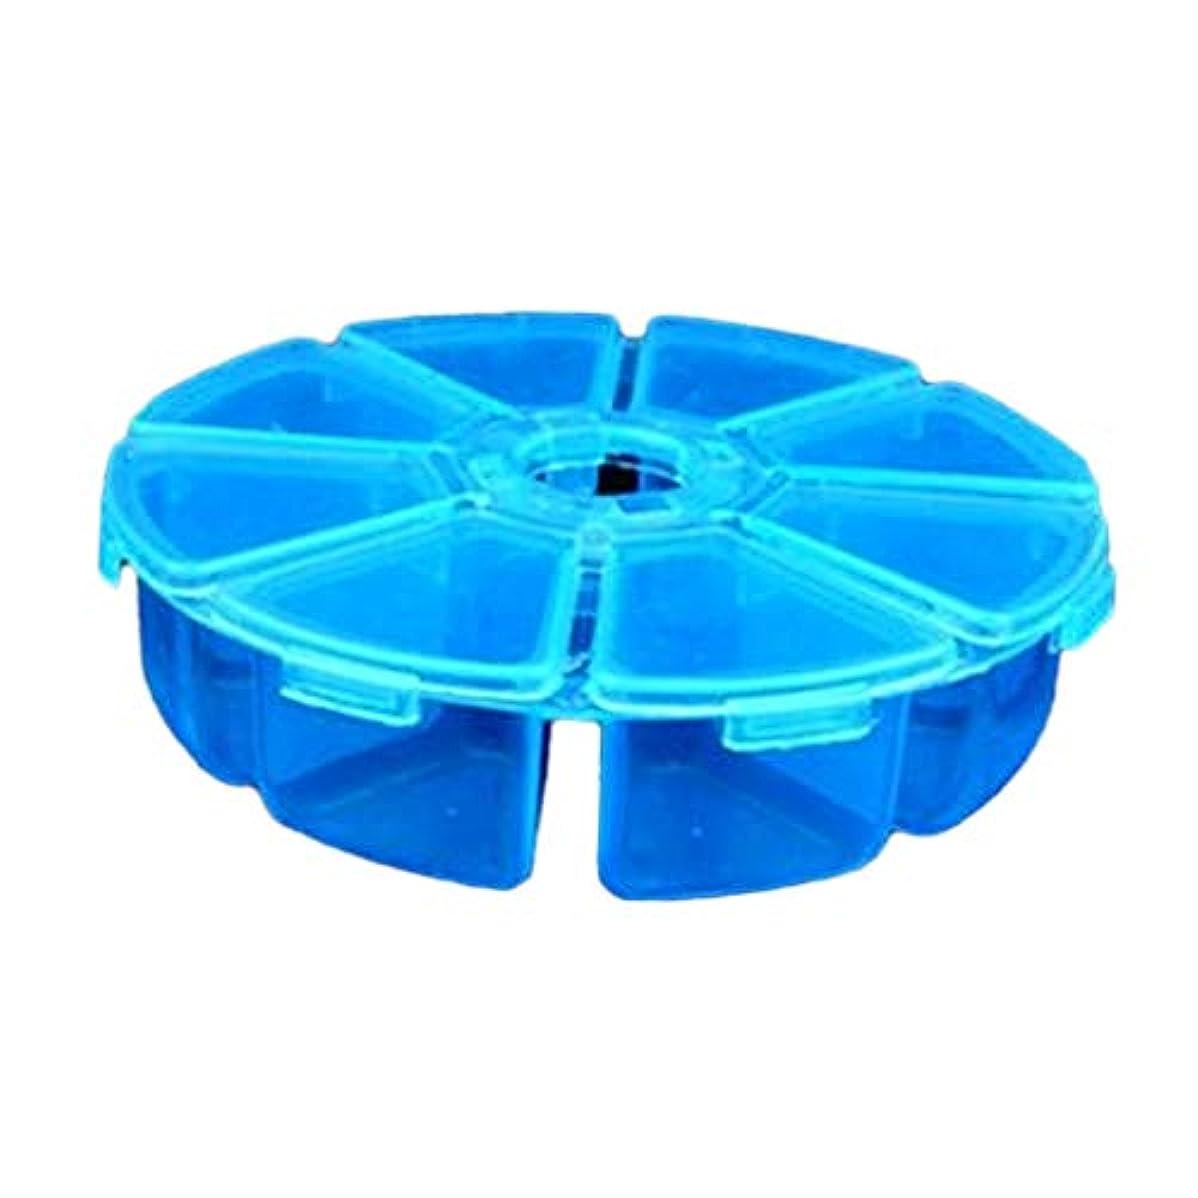 写真を撮る気を散らすラッドヤードキップリングDYNWAVE ネイルアート オーガナイザー 収納 ボックス 8コンパートメント 仕切り プラスチック 全4色 - ブルー